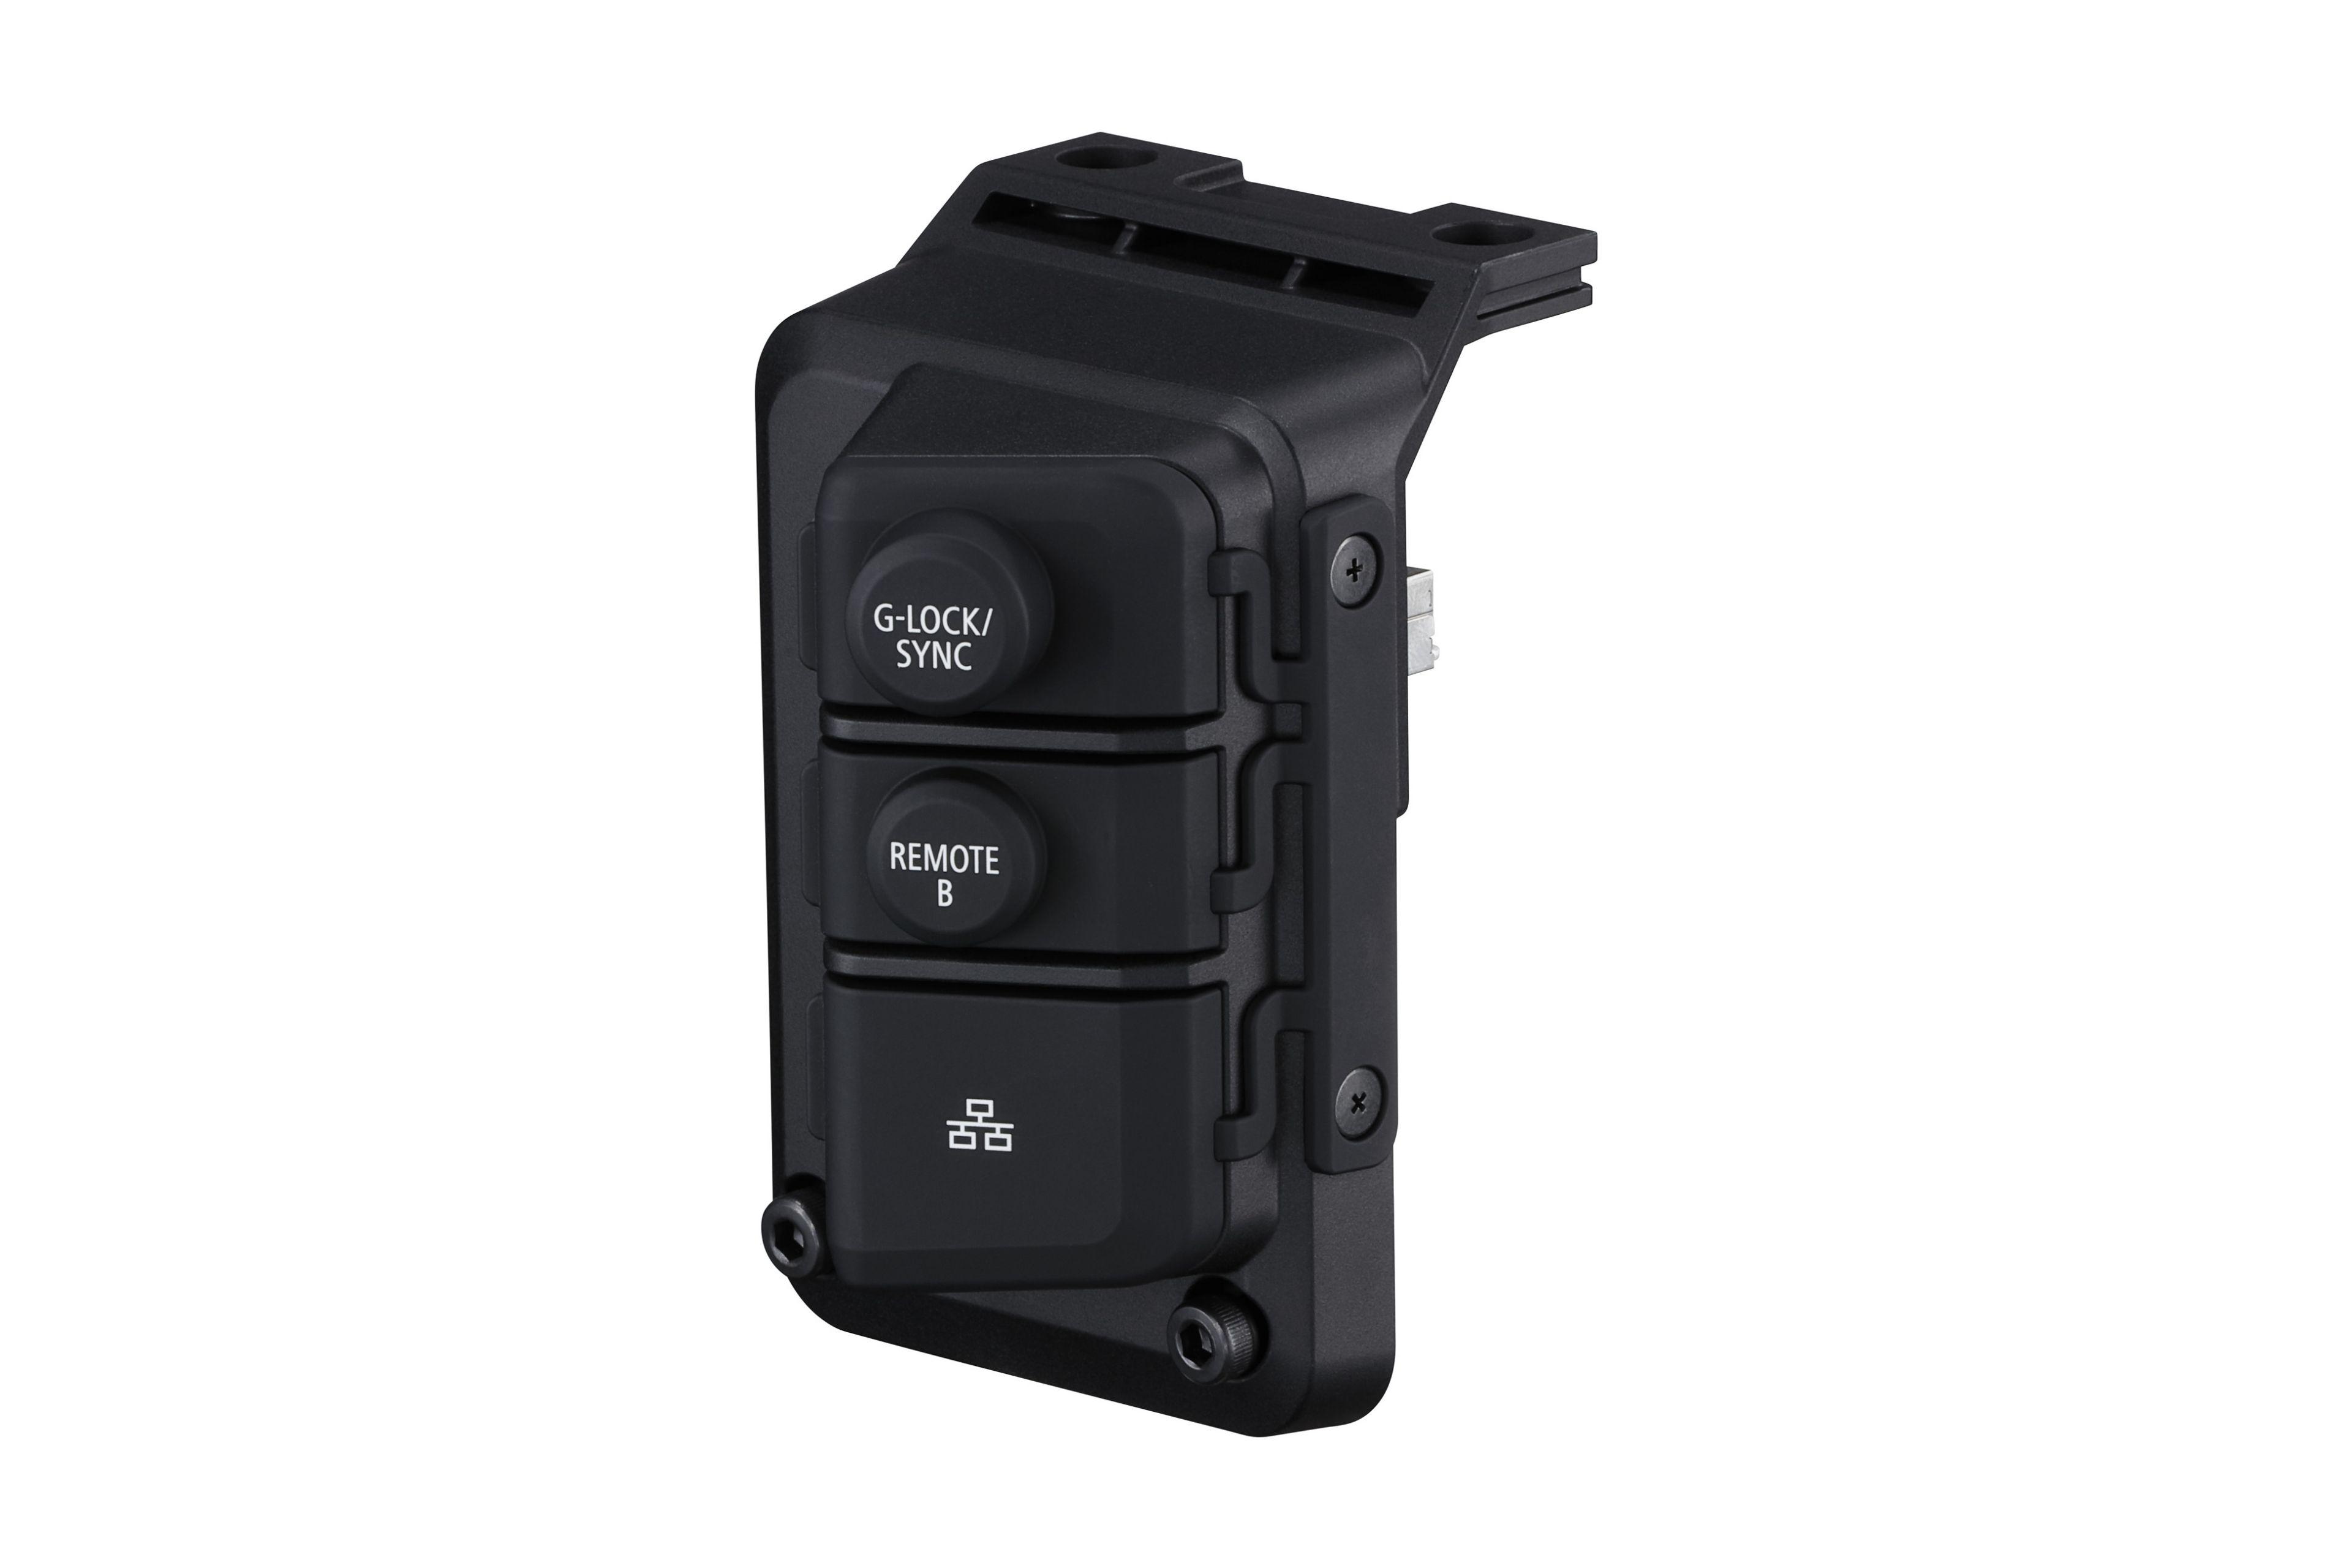 Canon Announces C500 Mark II 5.9K Full-Frame Camera 9